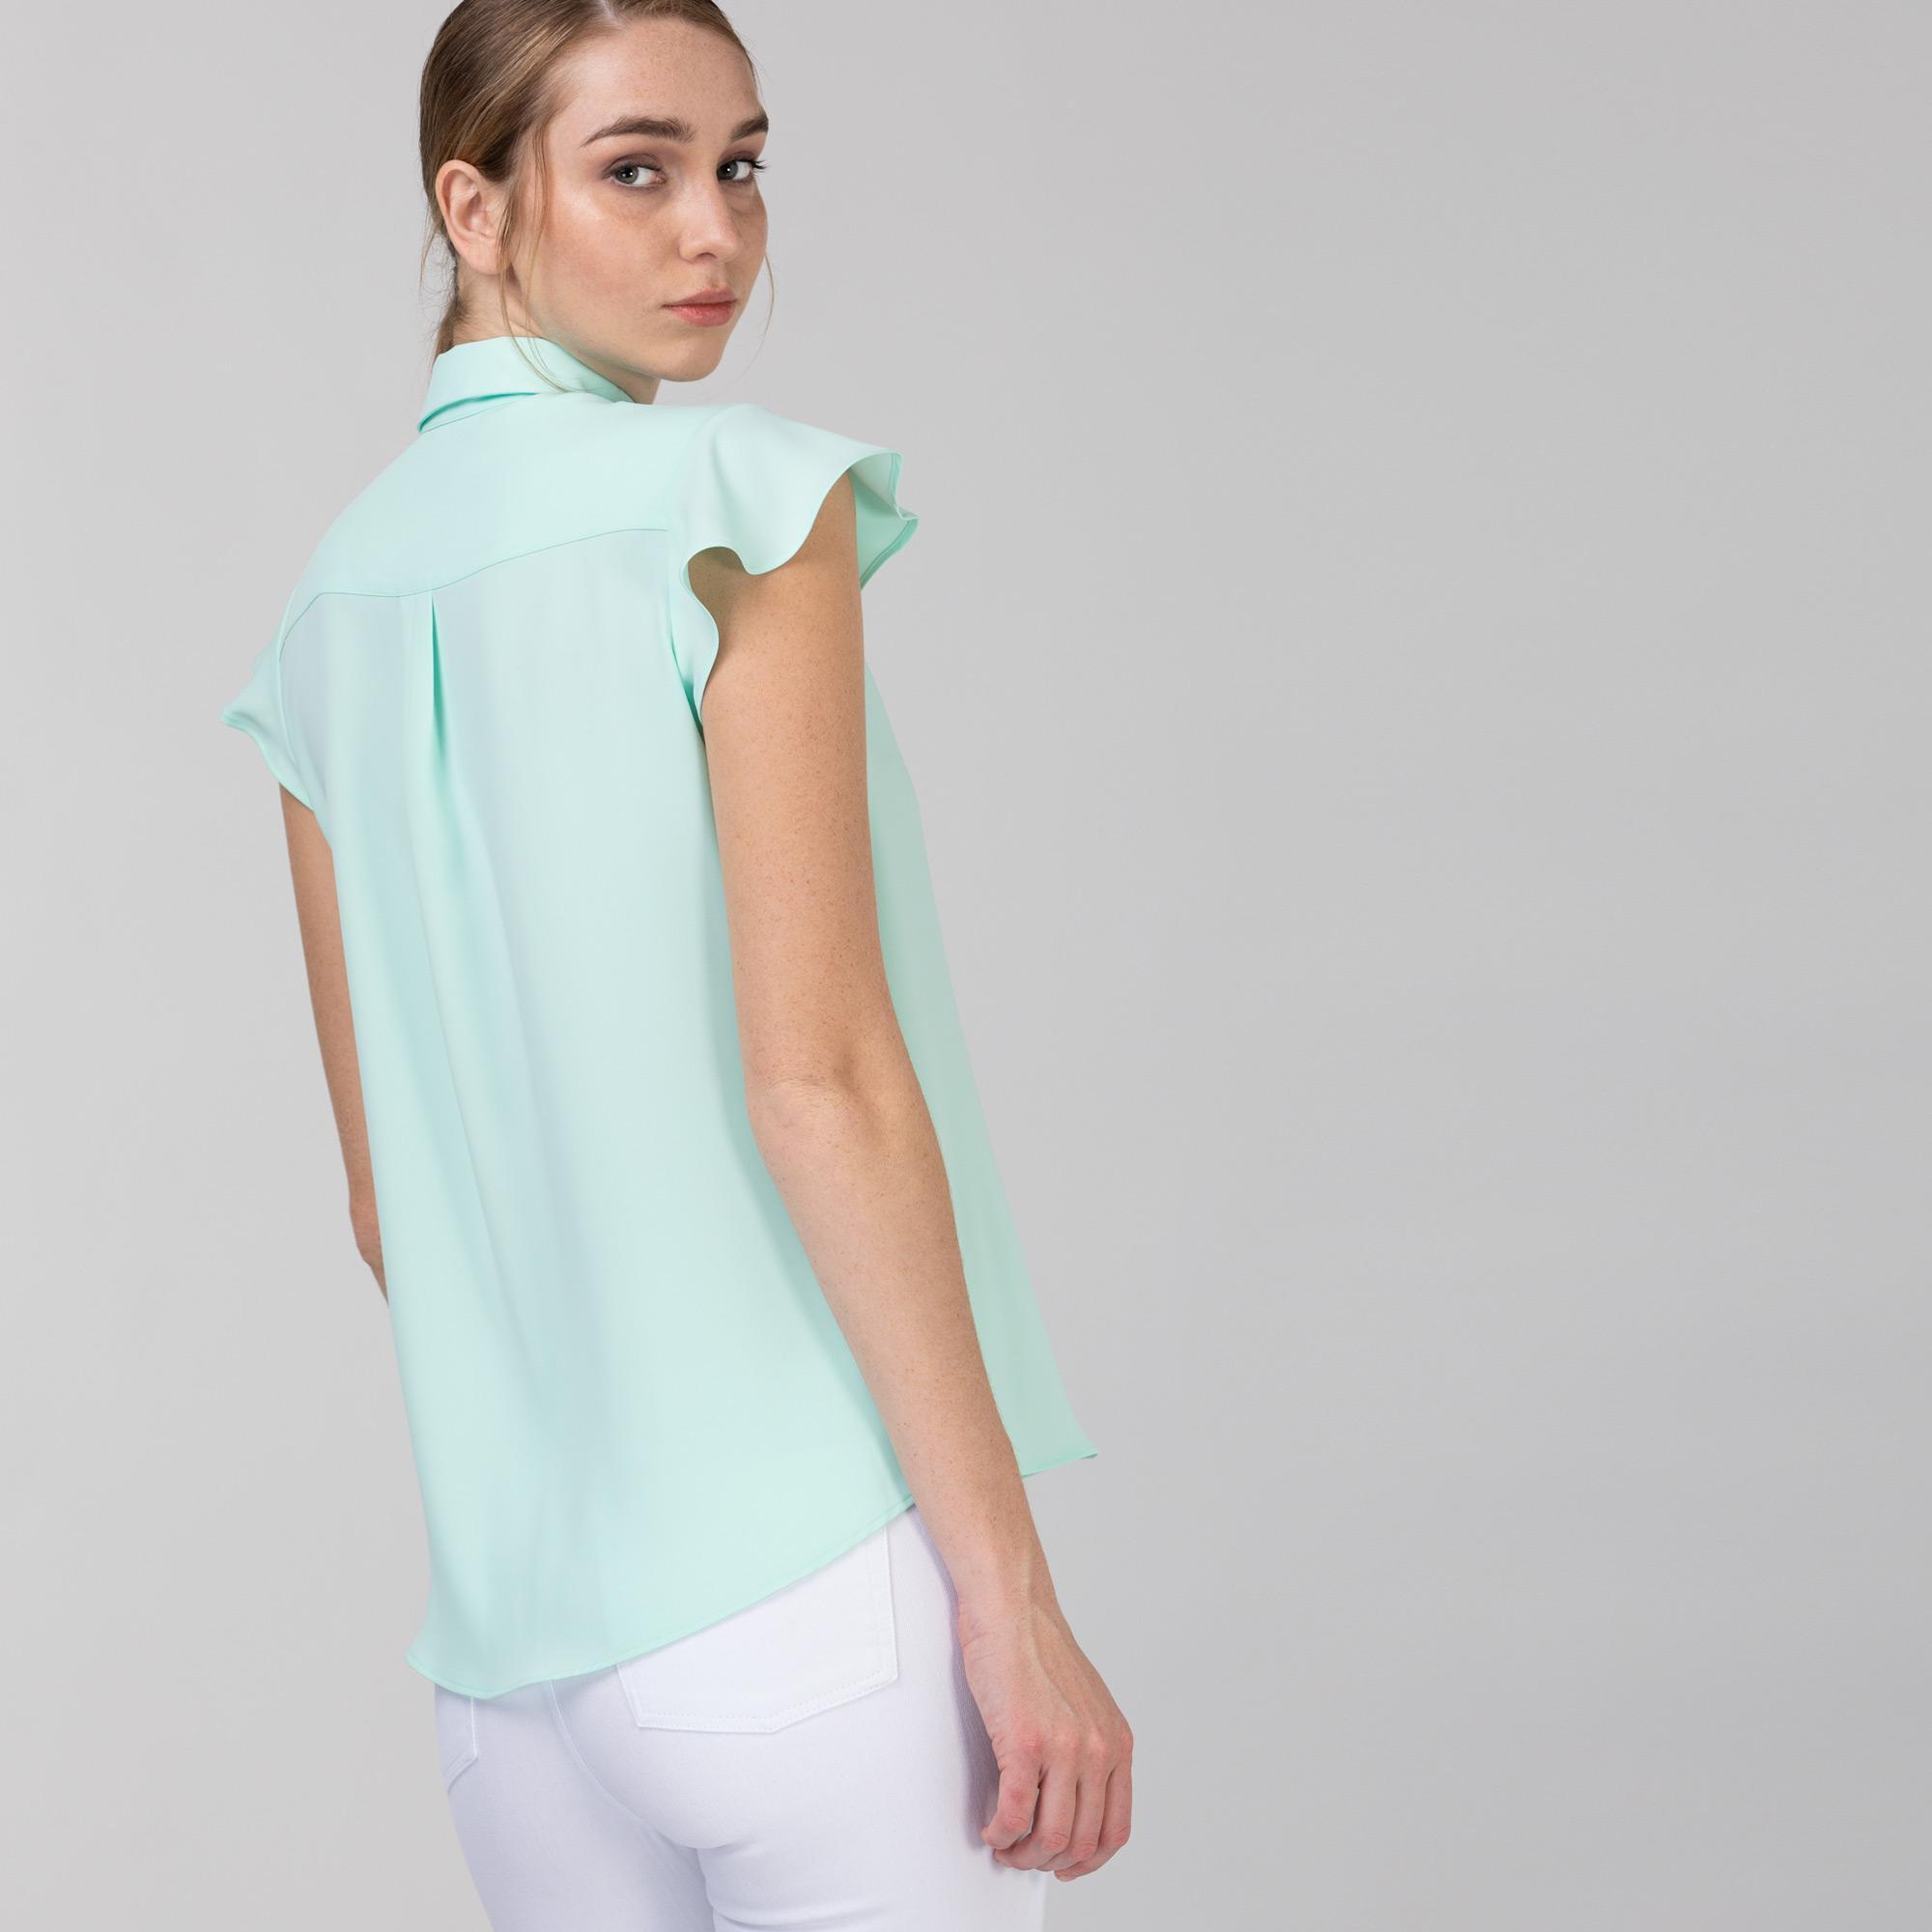 Lacoste Kadın Kolsuz Açık Yeşil Gömlek